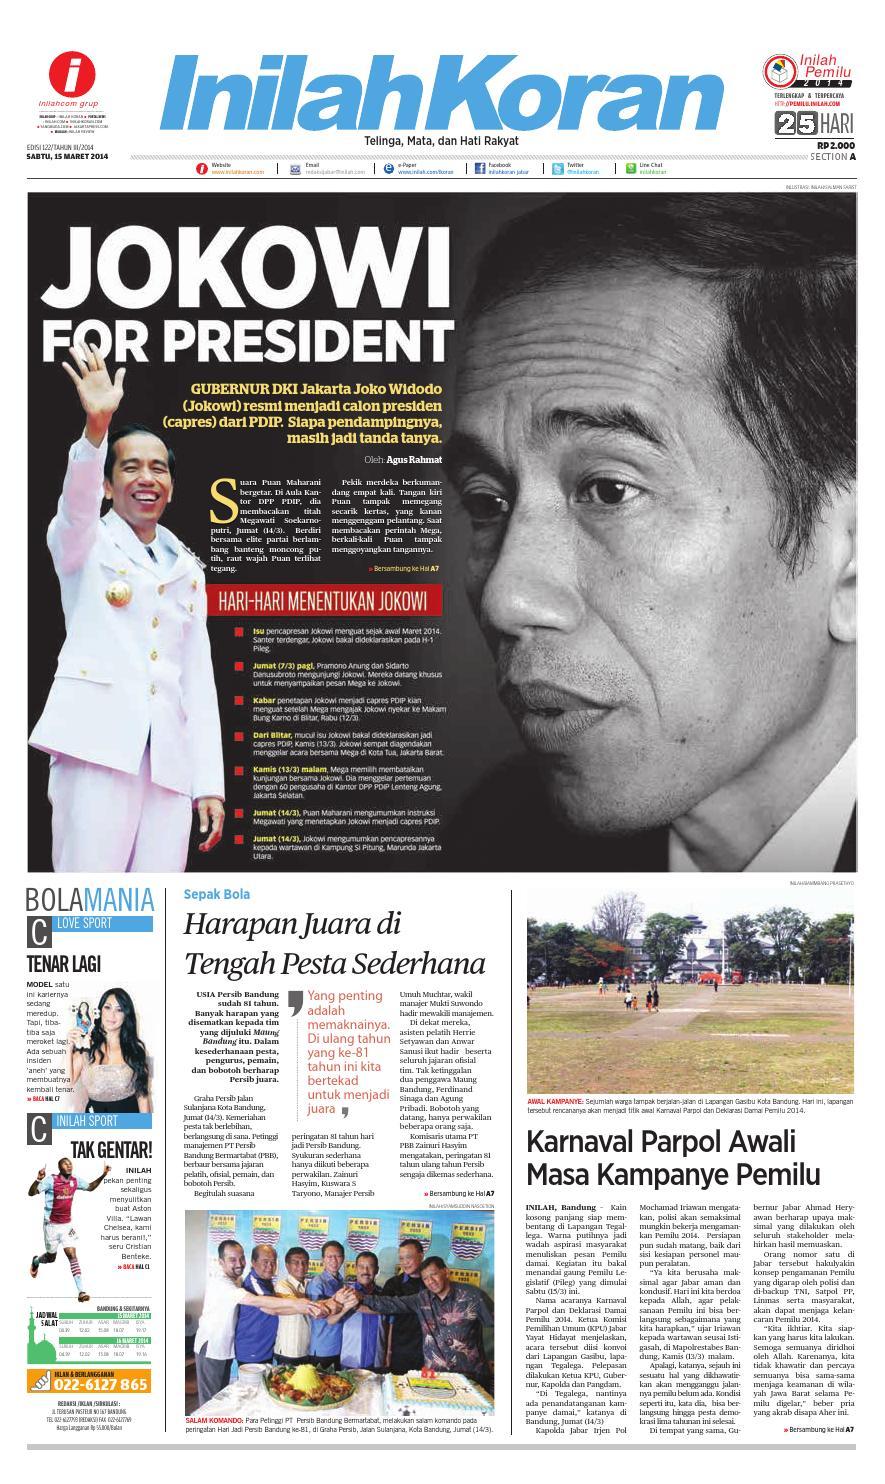 Islah Dari Kemayoran By Inilah Koran Issuu Tas Import Anne Gratis Hijab Instan Najwa Aglrbo Cover Of Jokowi For President